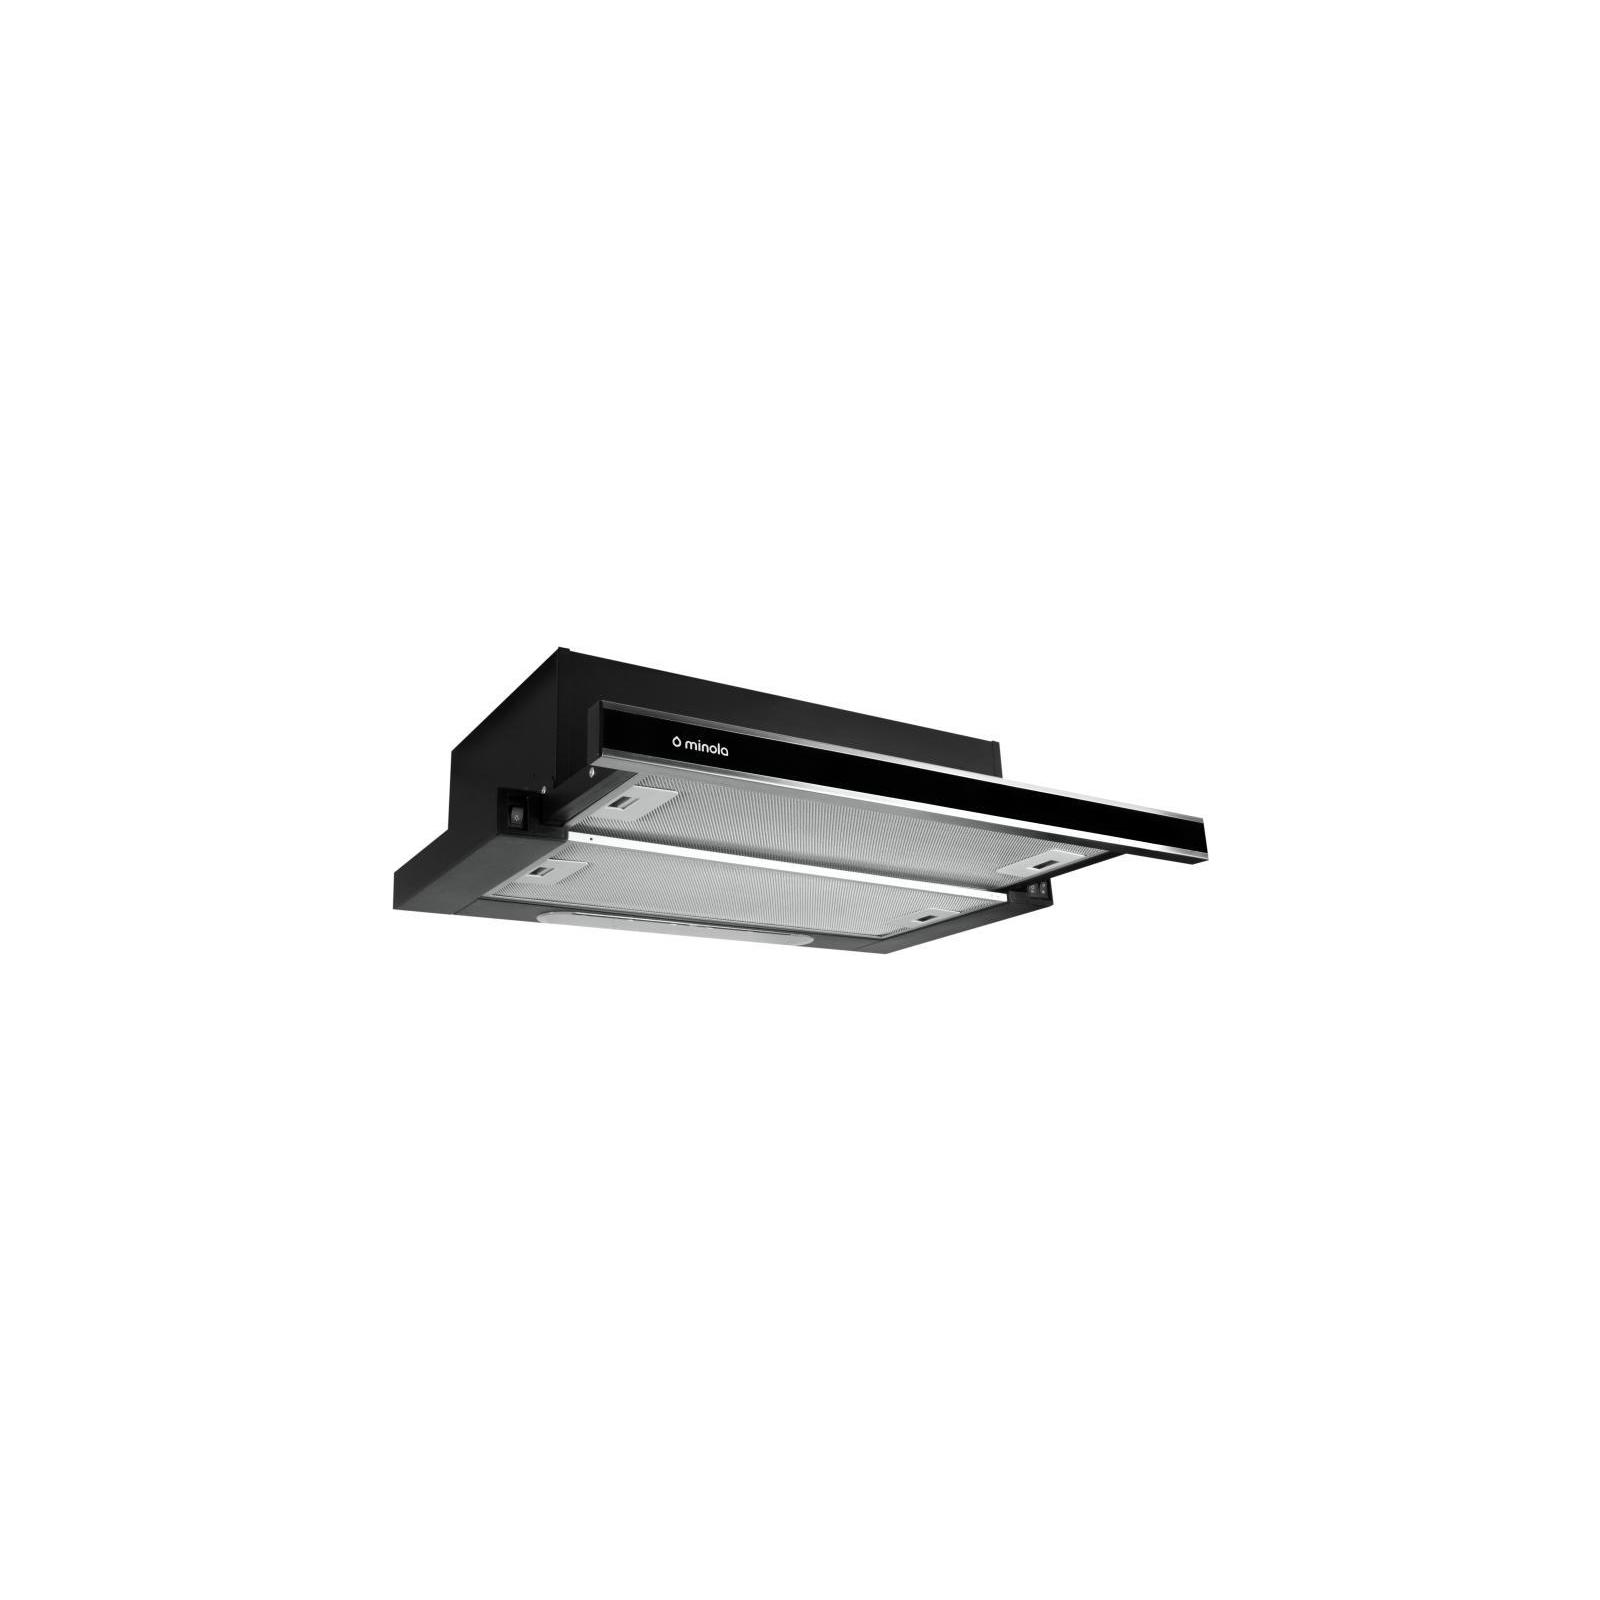 Вытяжка кухонная MINOLA HTL 6160 I/ BL GLASS 630